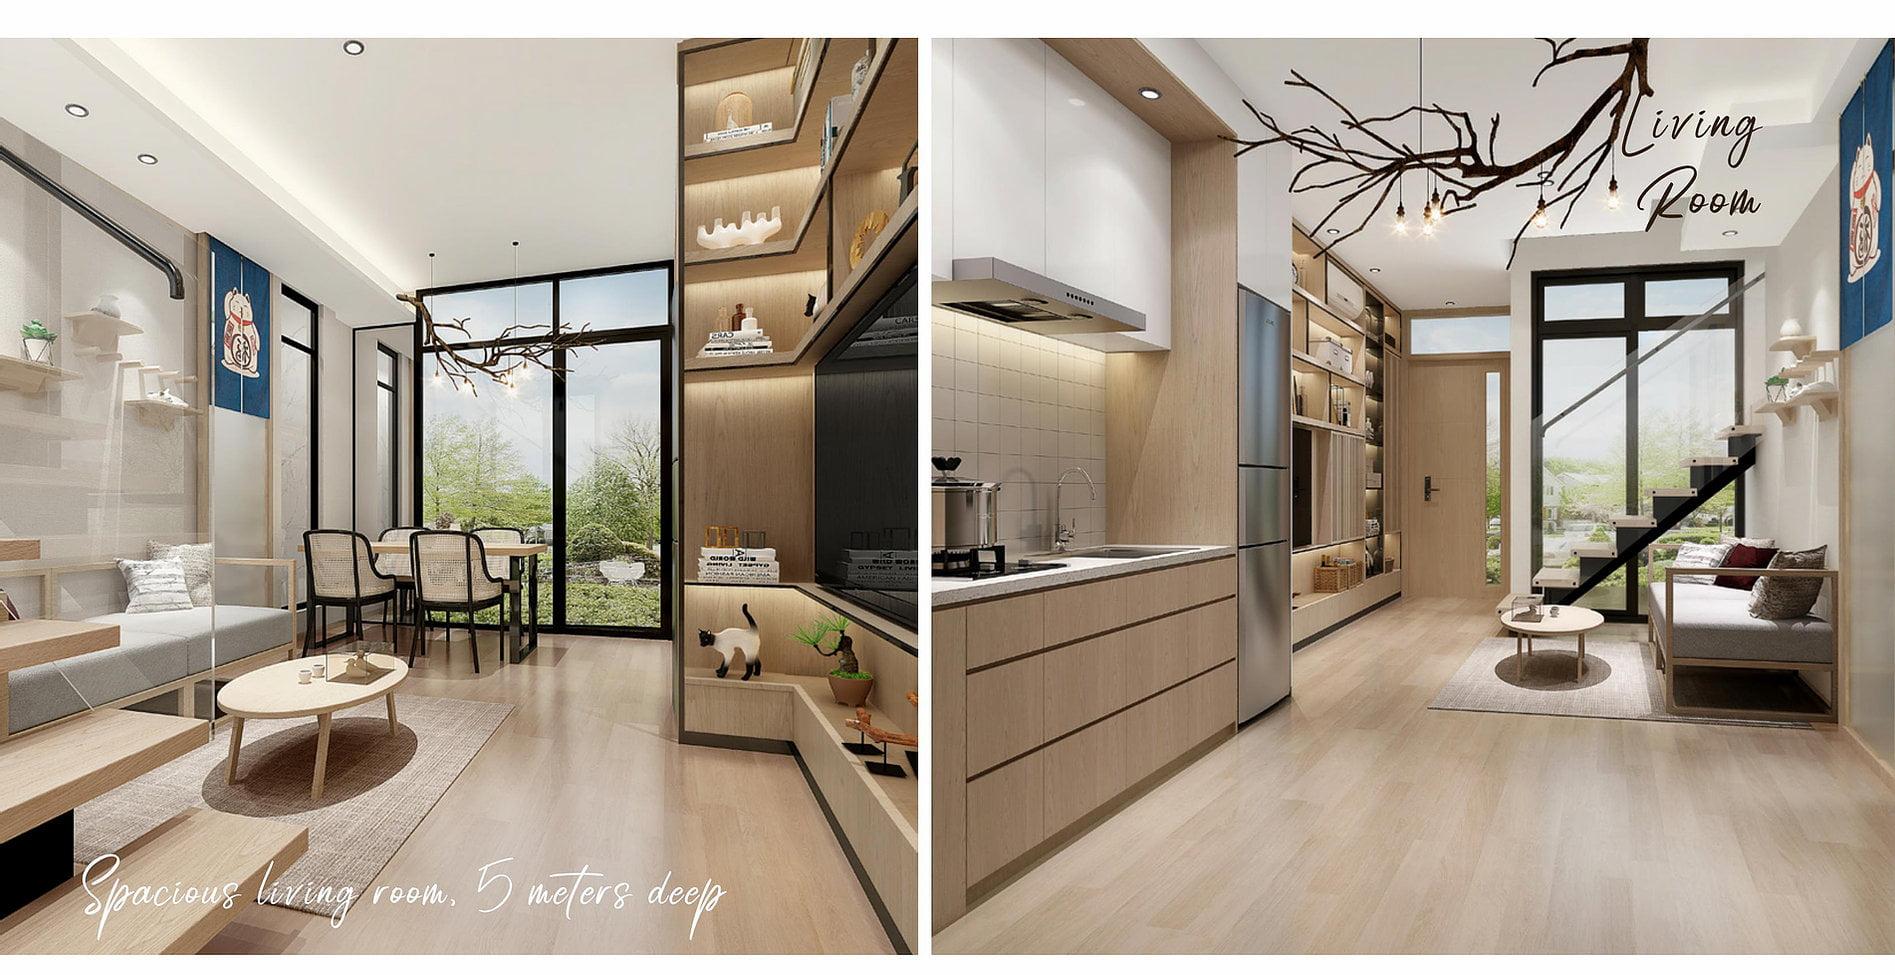 Daisan Swan City Tipe Villa Living Room